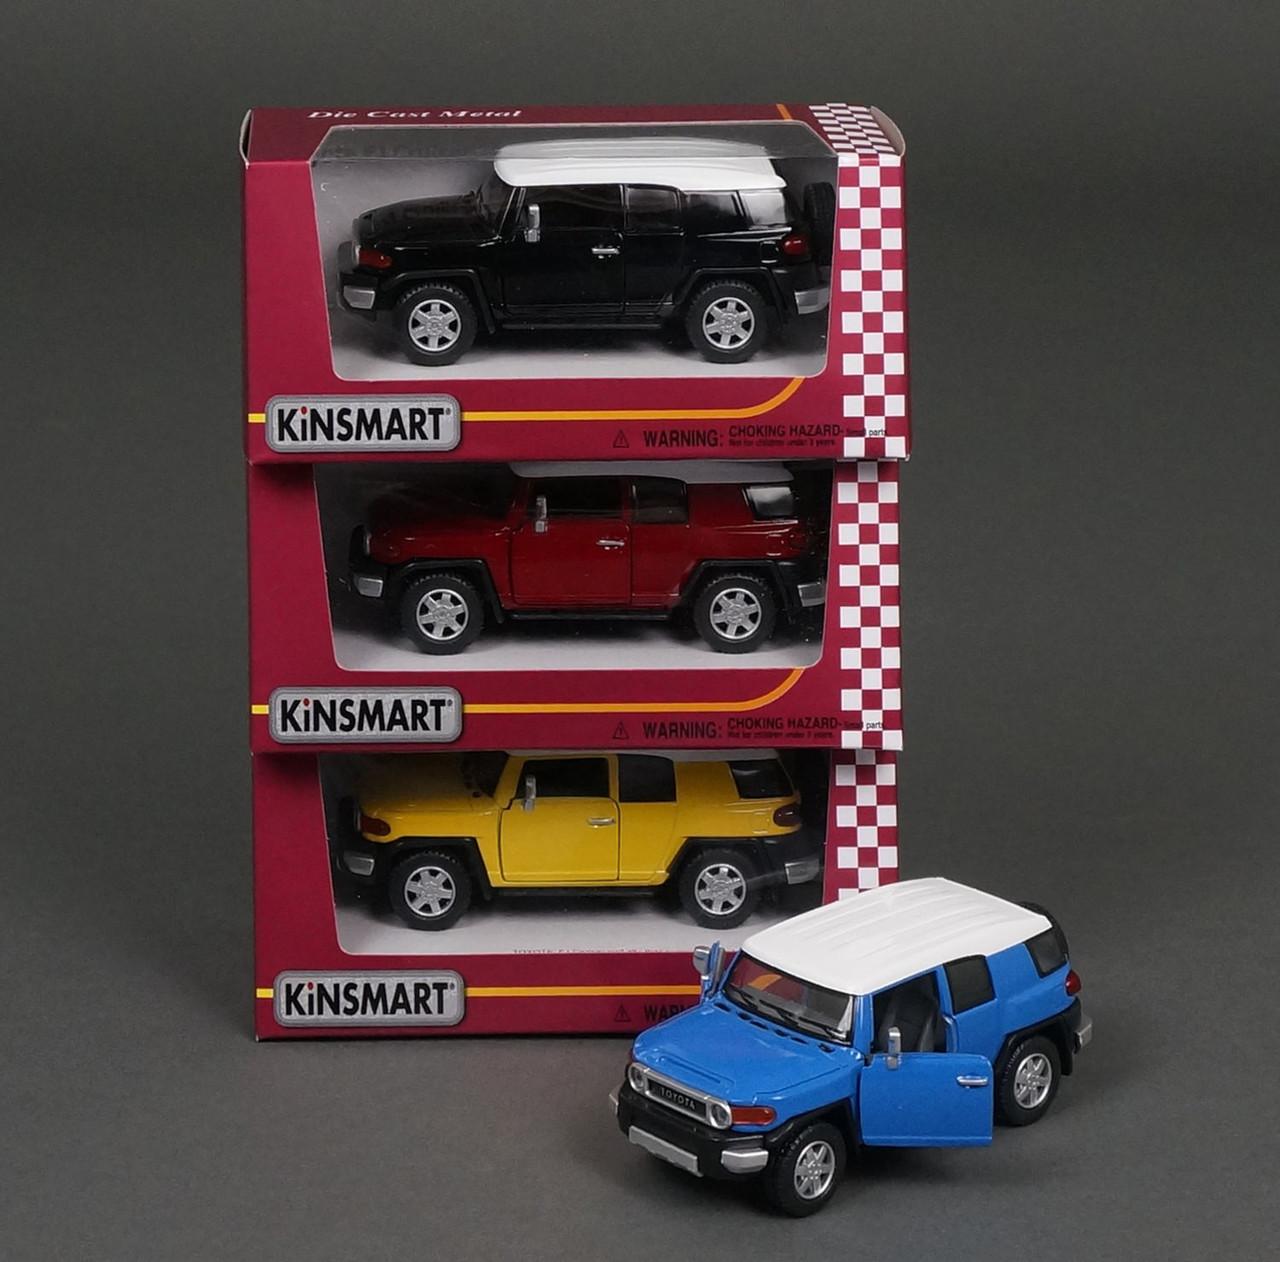 Машинка KINSMART Toyota FJ Cruiser KT 5343 W інерційна, металева, 1:36, 4 кольори, в коробці, 16-7,5-8 см